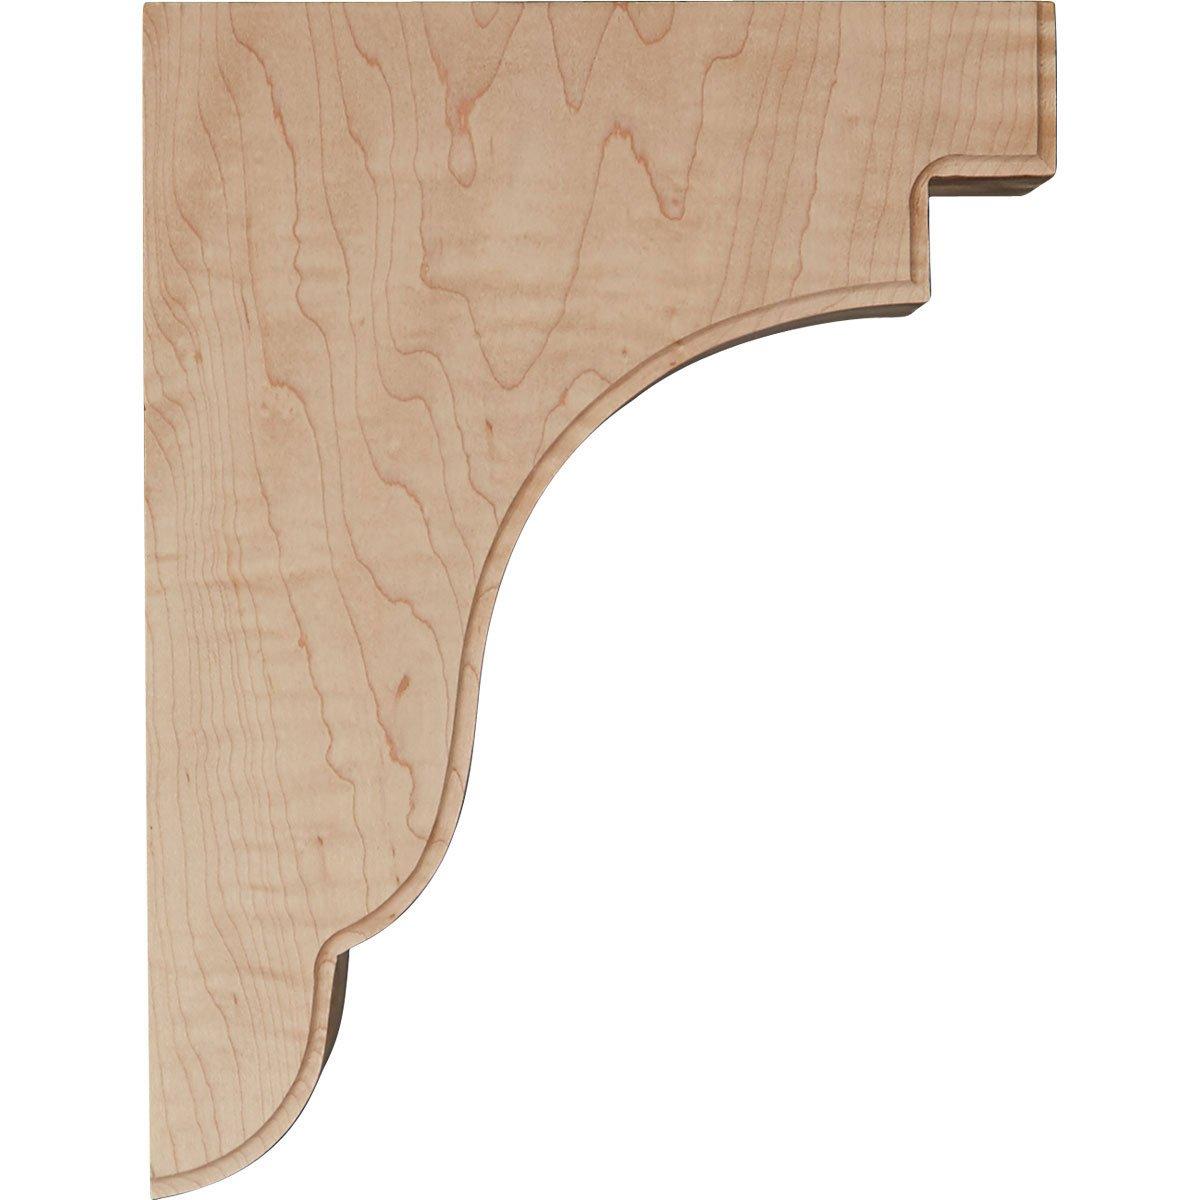 Rubberwood-Ready to be Stained Ekena Millwork BKTW05X09X11BERW-CASE-2 Bedford Bracket